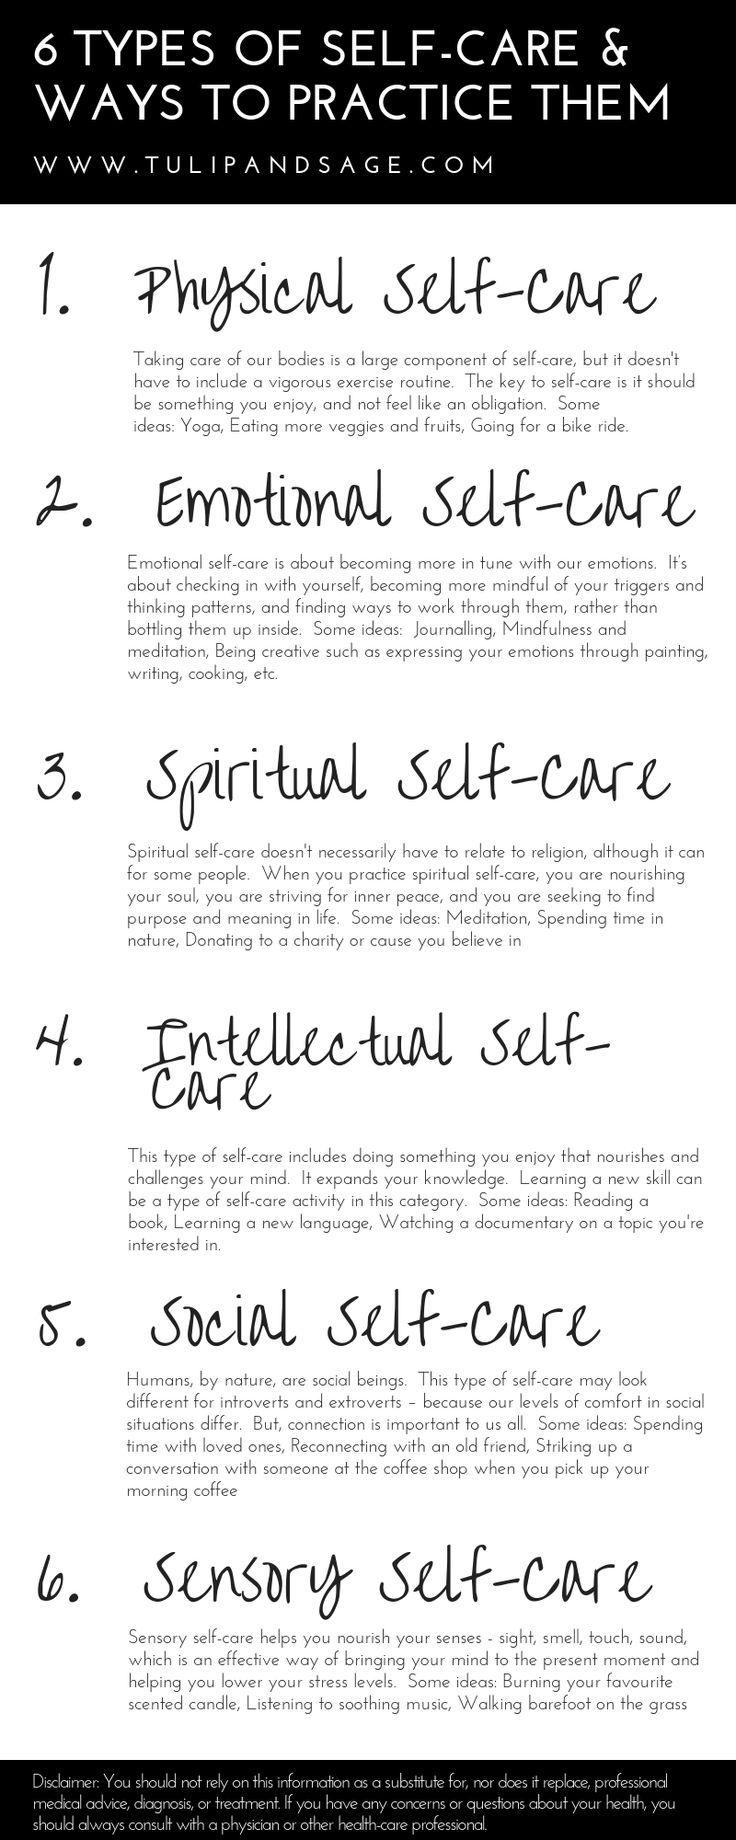 6 Arten von Self-Care & Möglichkeiten, sie zu üben